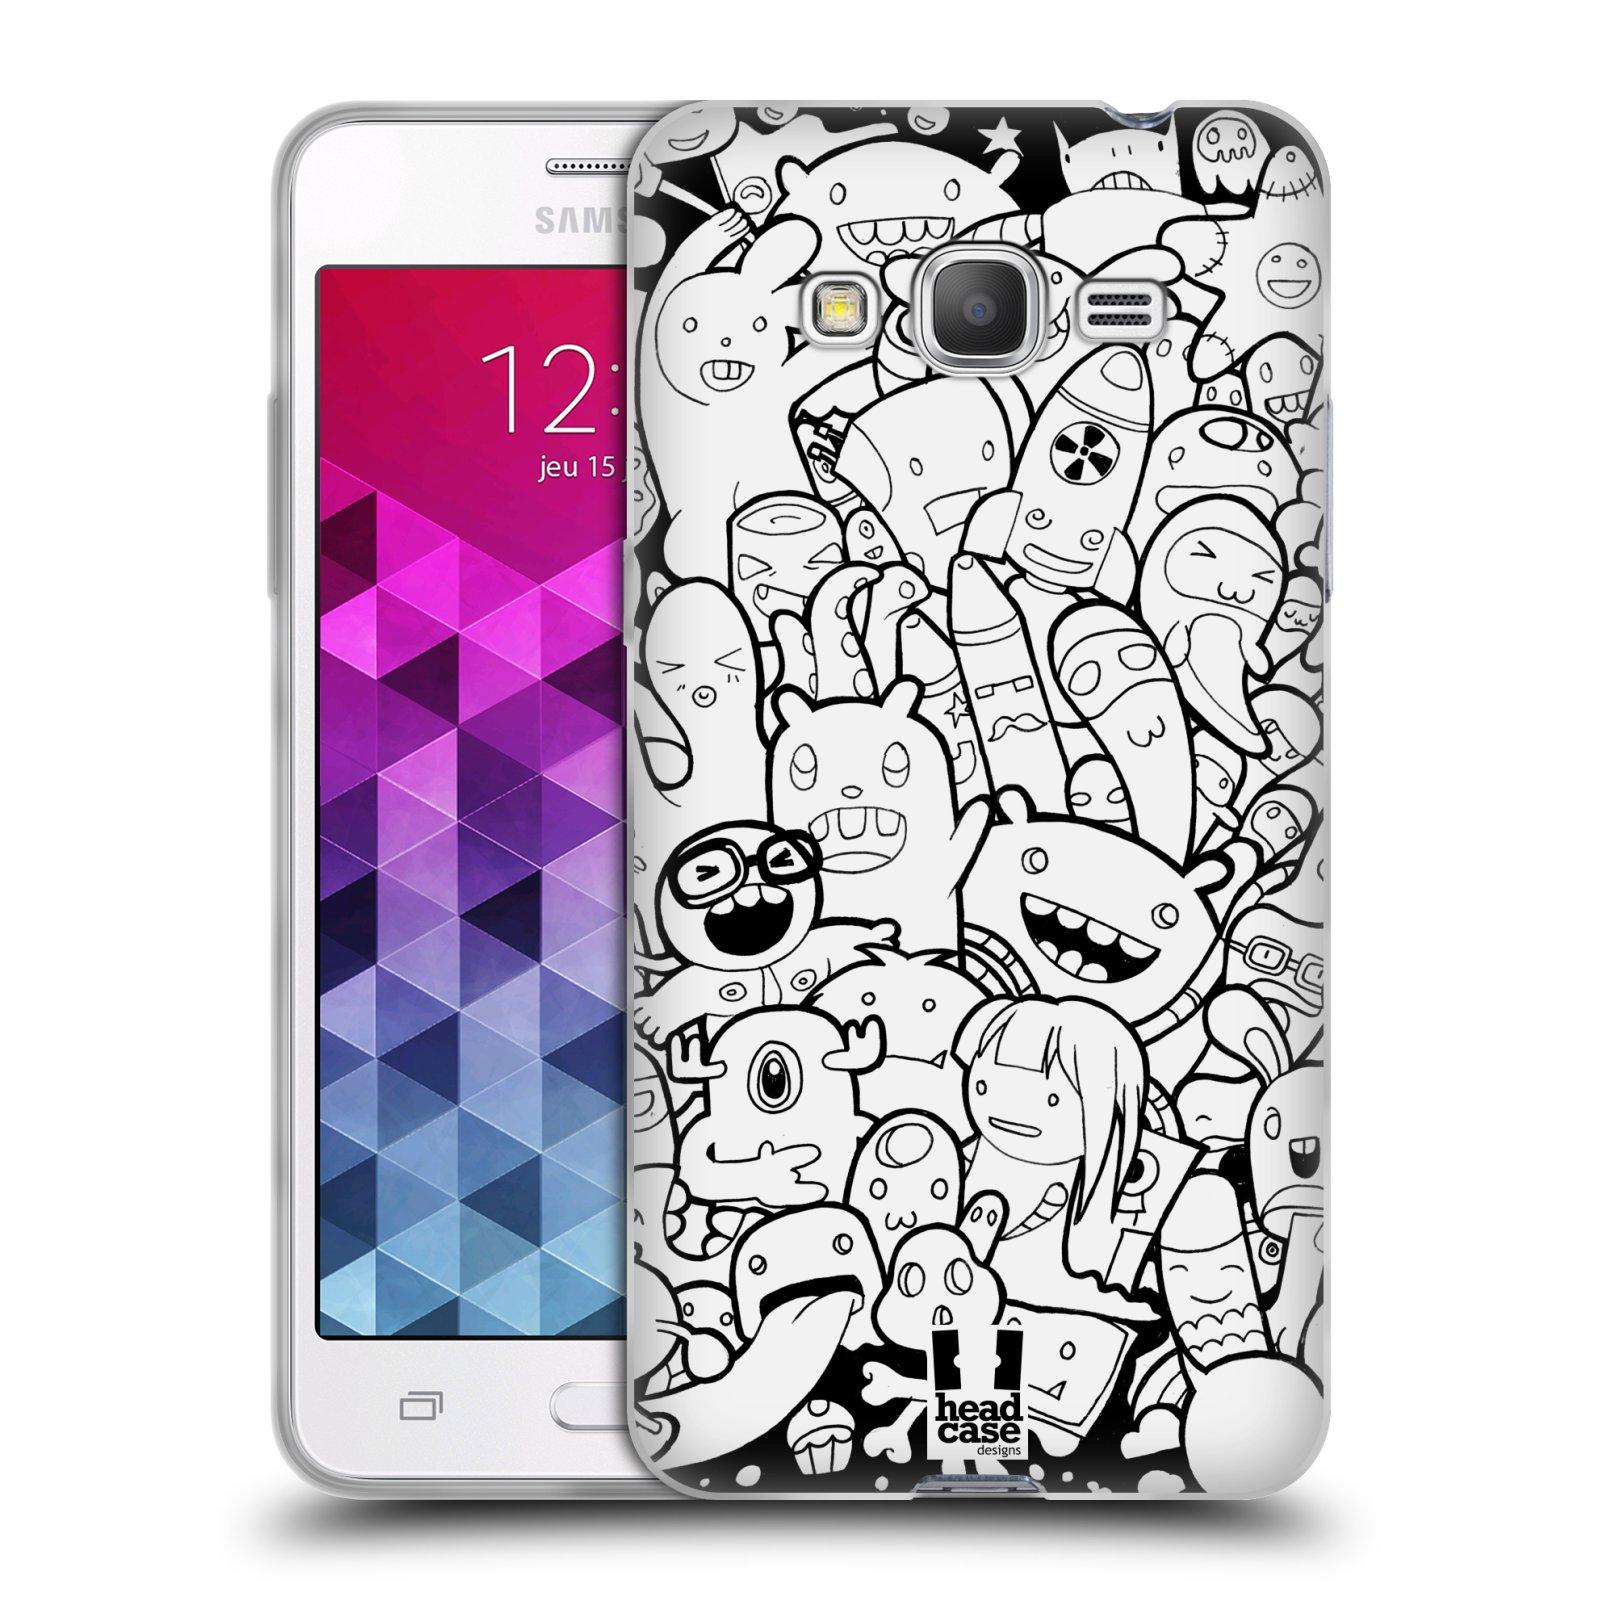 Silikonové pouzdro na mobil Samsung Galaxy Grand Prime HEAD CASE DOODLE PŘÍŠERKY A MIMÍCI